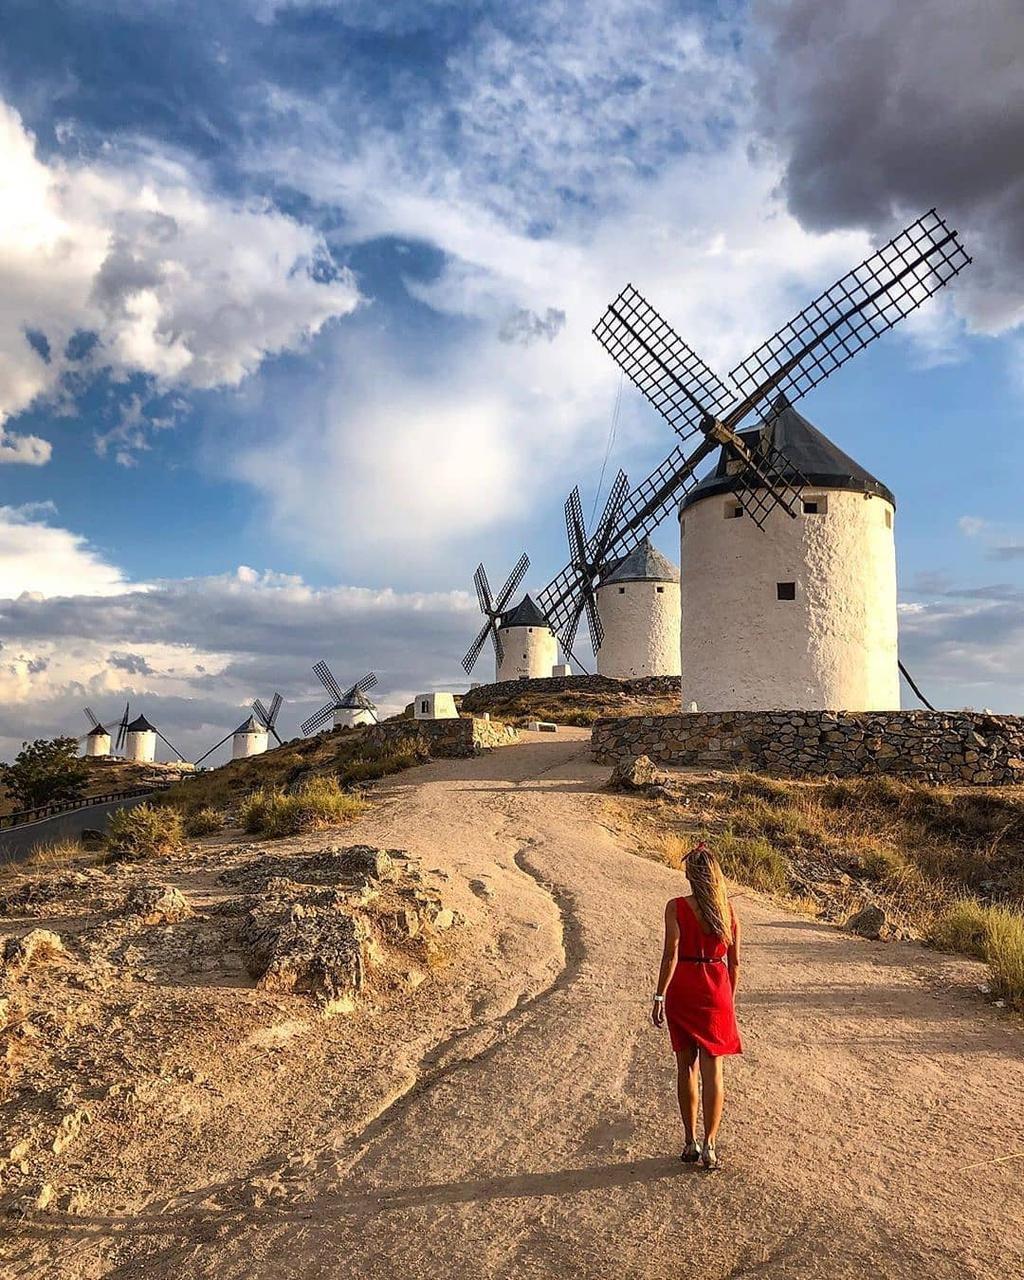 Thiên đường cối xay gió đẹp như tranh vẽ ở Tây Ban Nha Ảnh 6